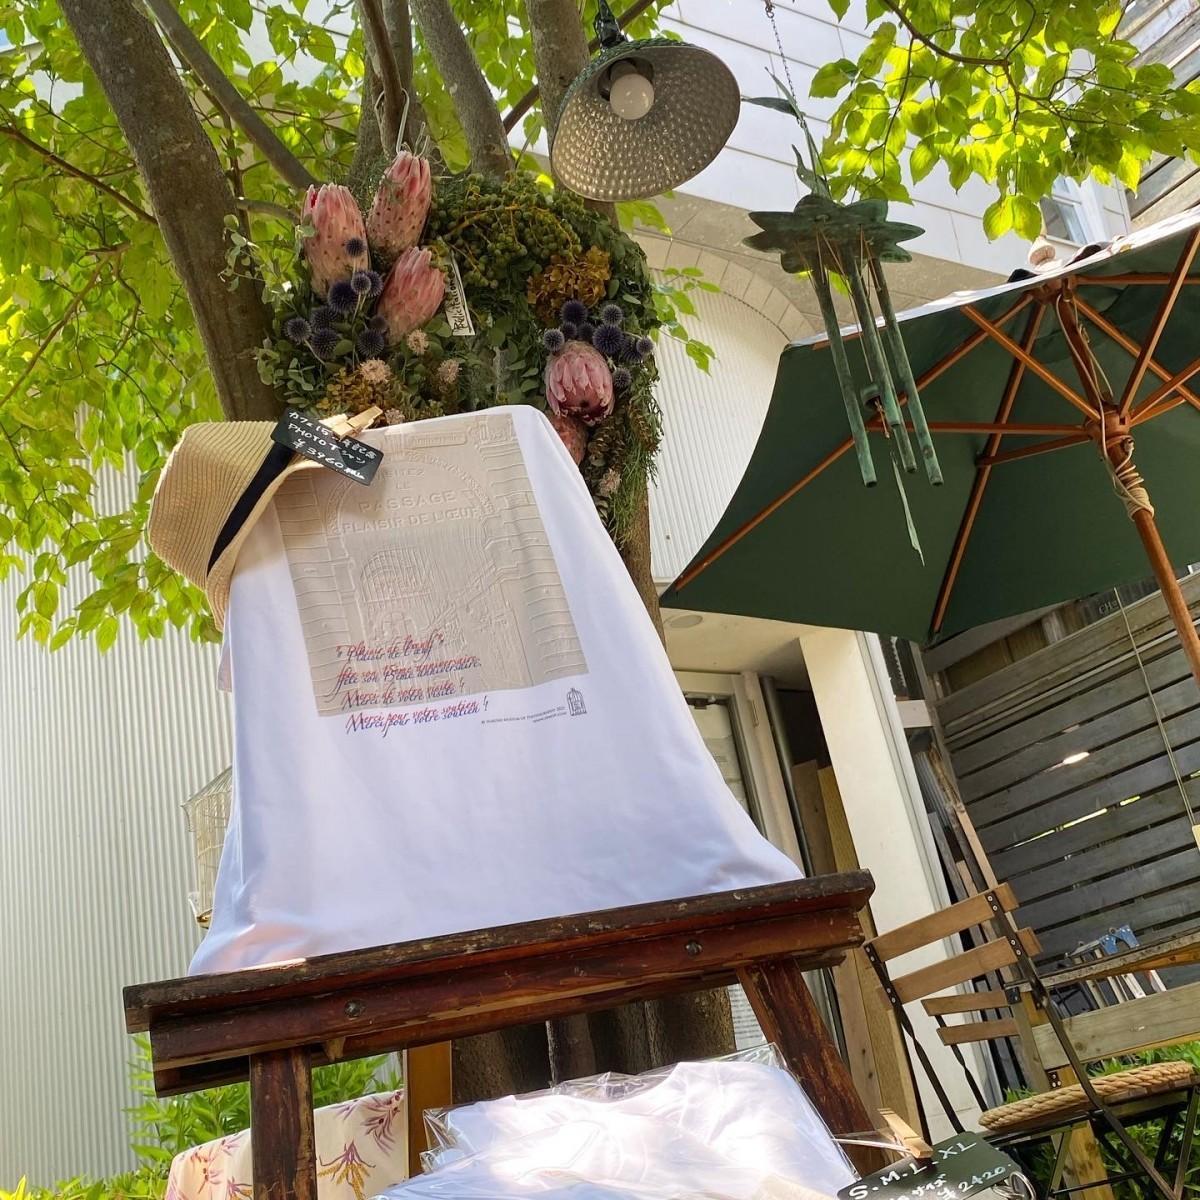 箱根写真美術館併設カフェ「プレジール・ドゥ・ルフ(Plaisir de l'oeuf)」の15周年記念Tシャツ